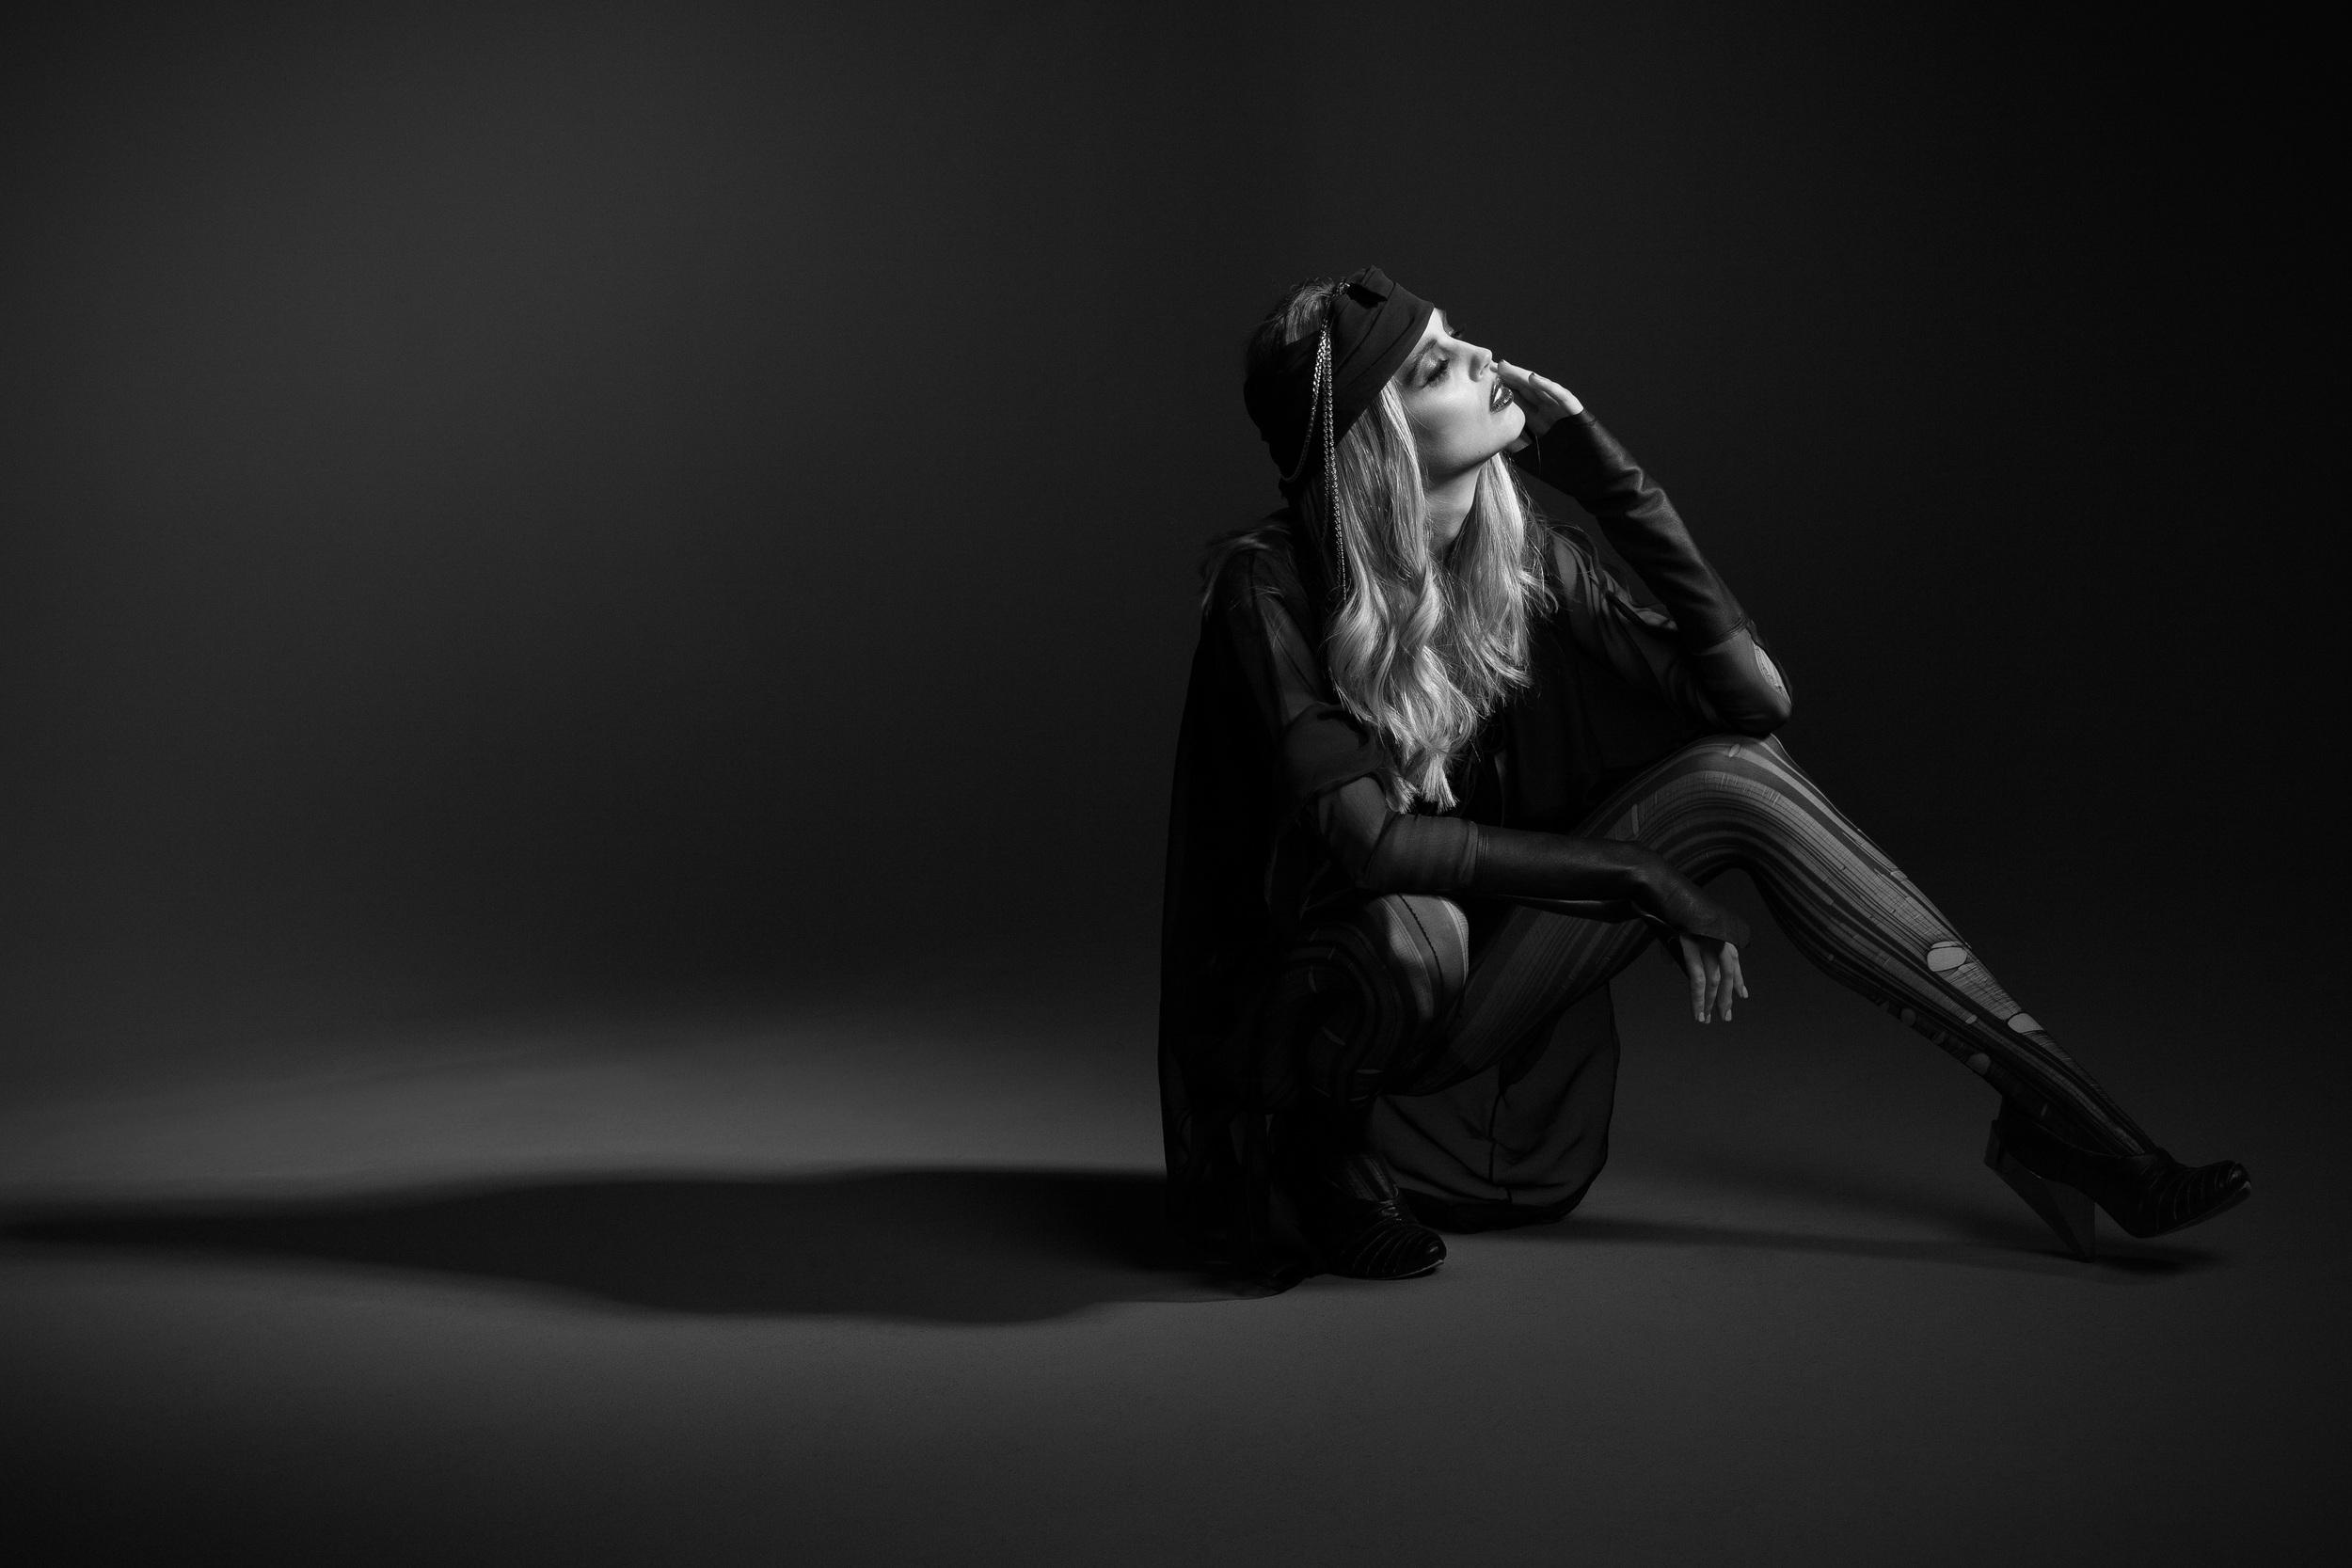 TheØrder-AW2013-IllaMagus-Editorial-12.jpg